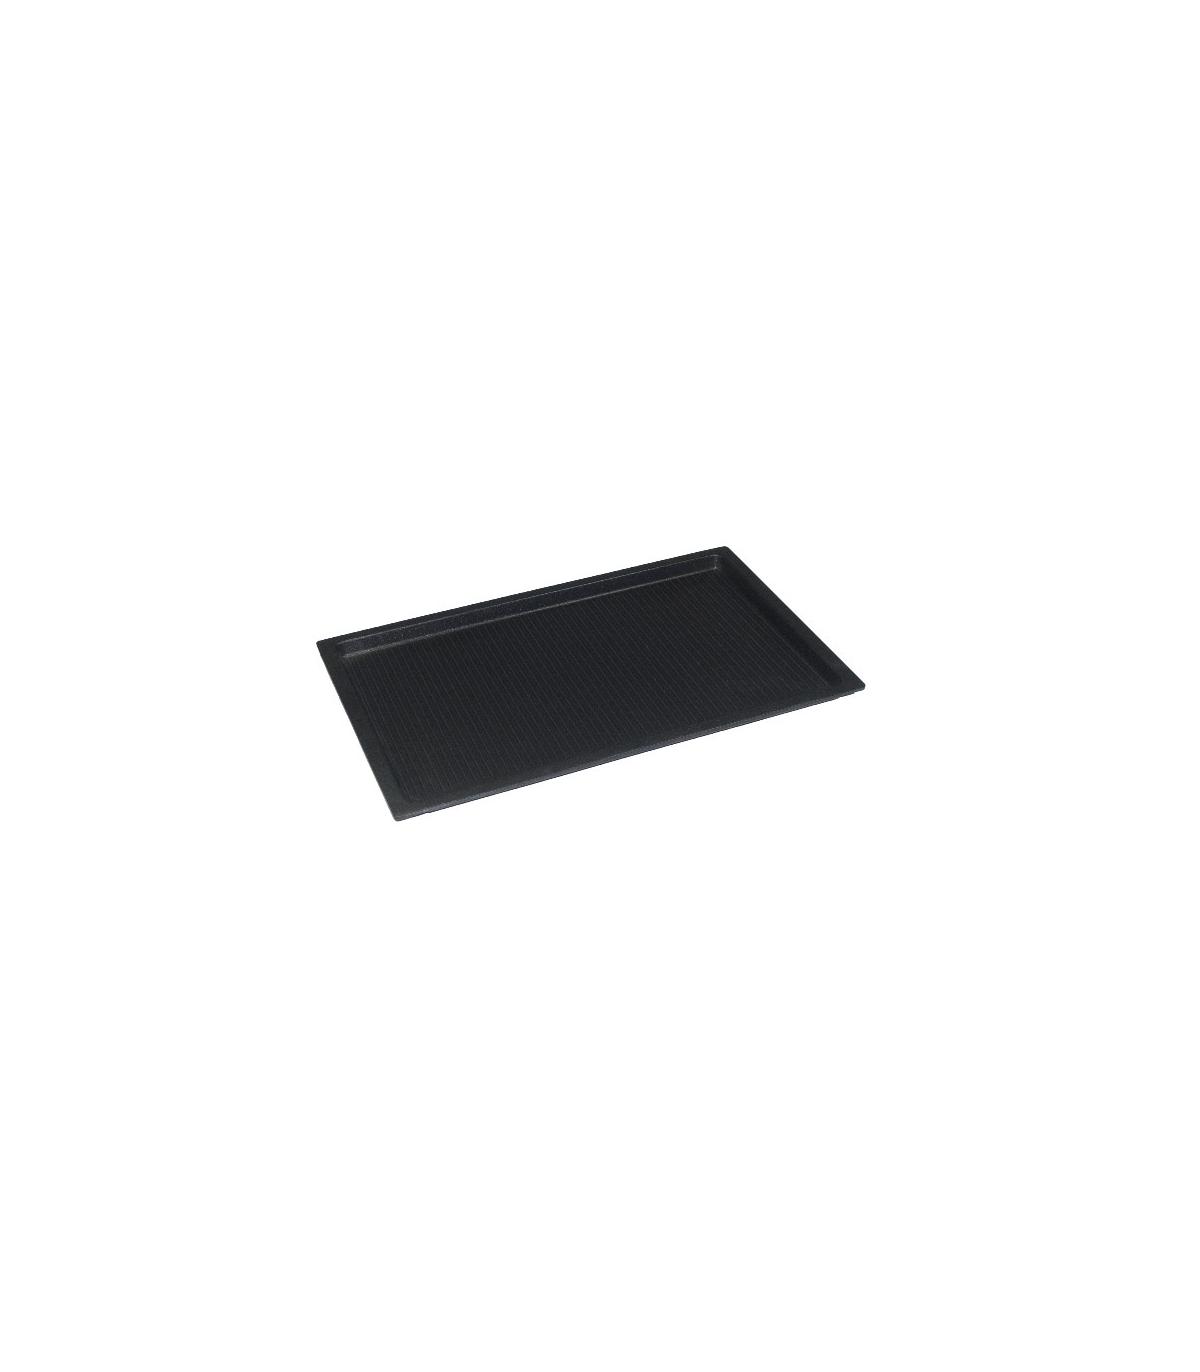 plaque de cuisson professionnelle rapide pour cuire et griller. Black Bedroom Furniture Sets. Home Design Ideas